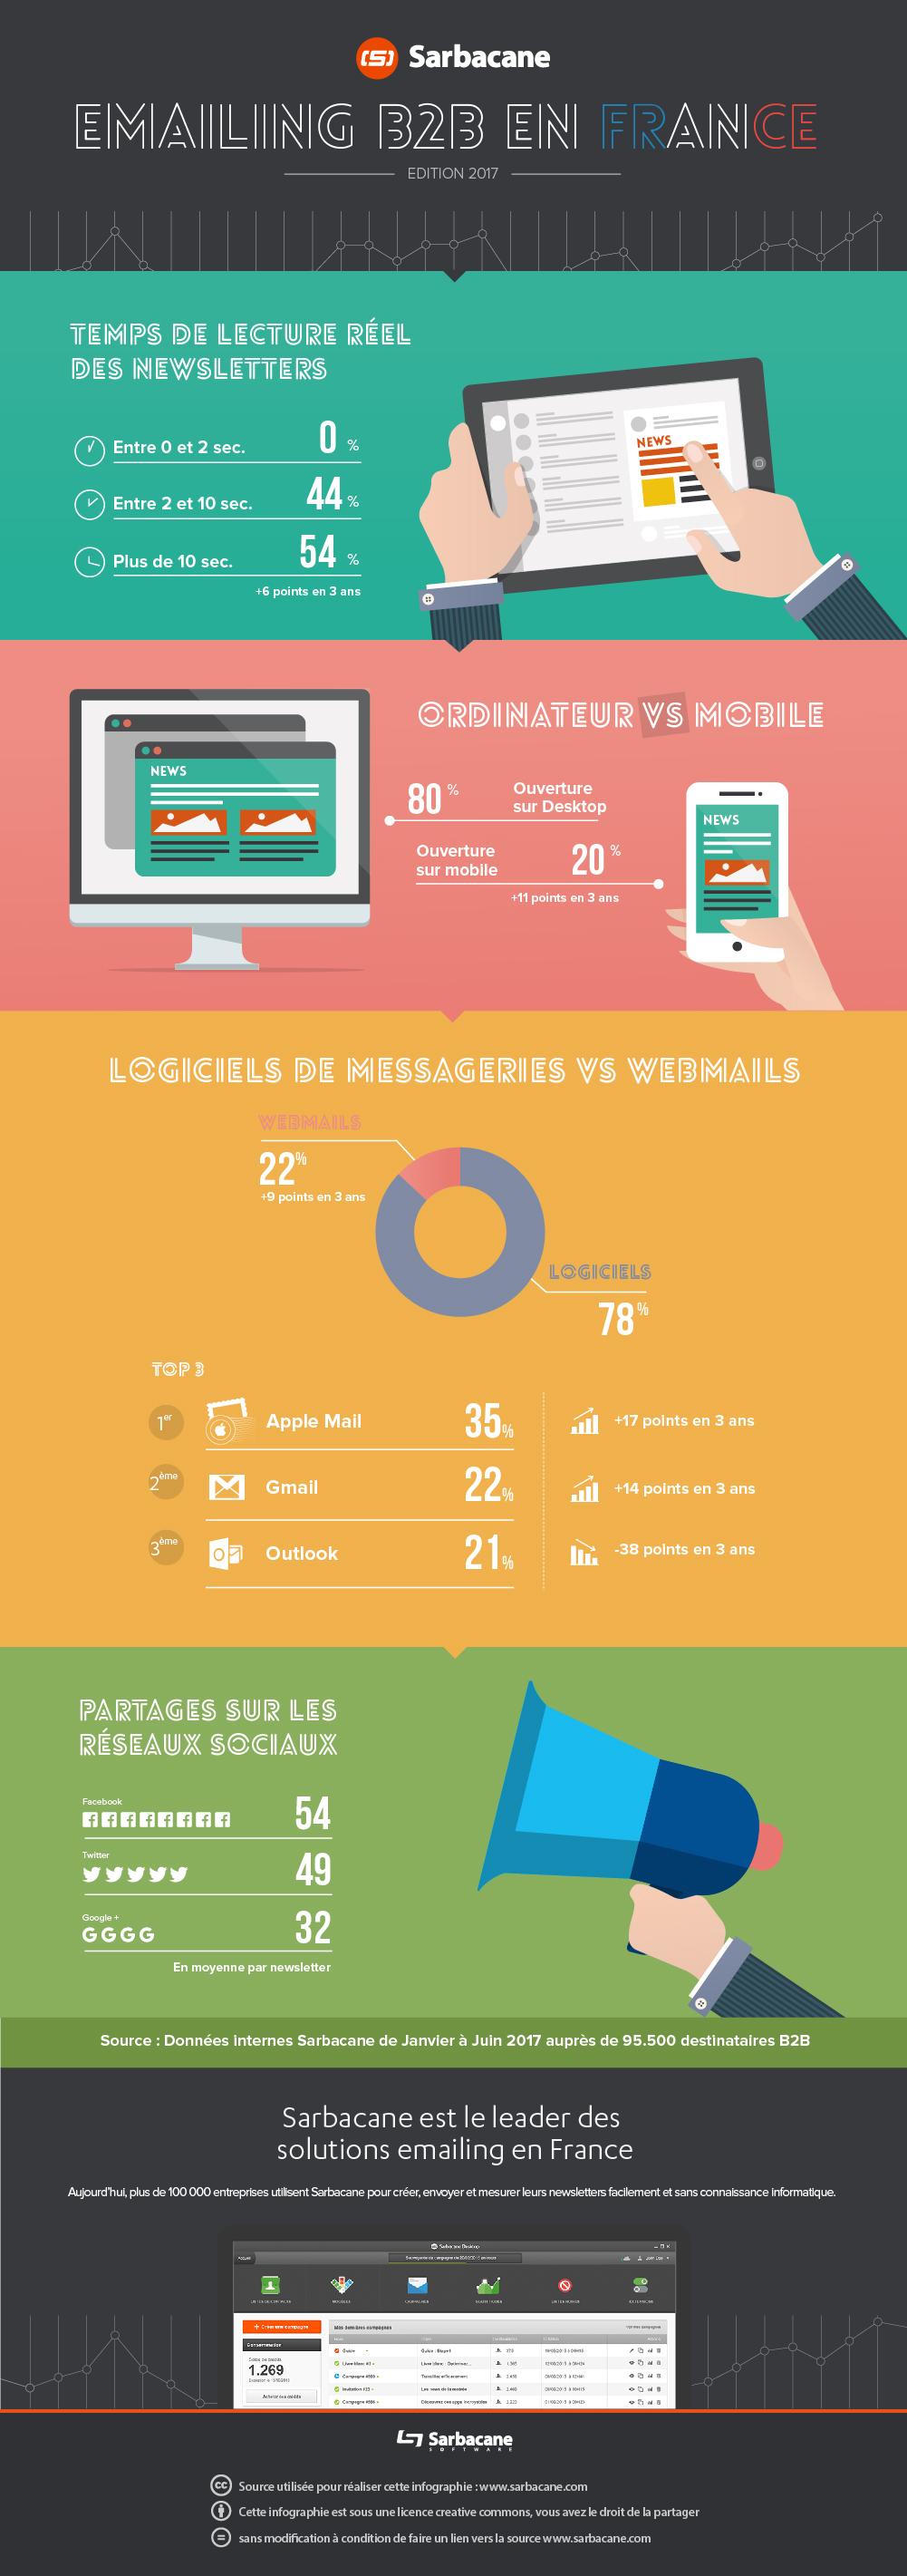 emailing infographie sarbacane